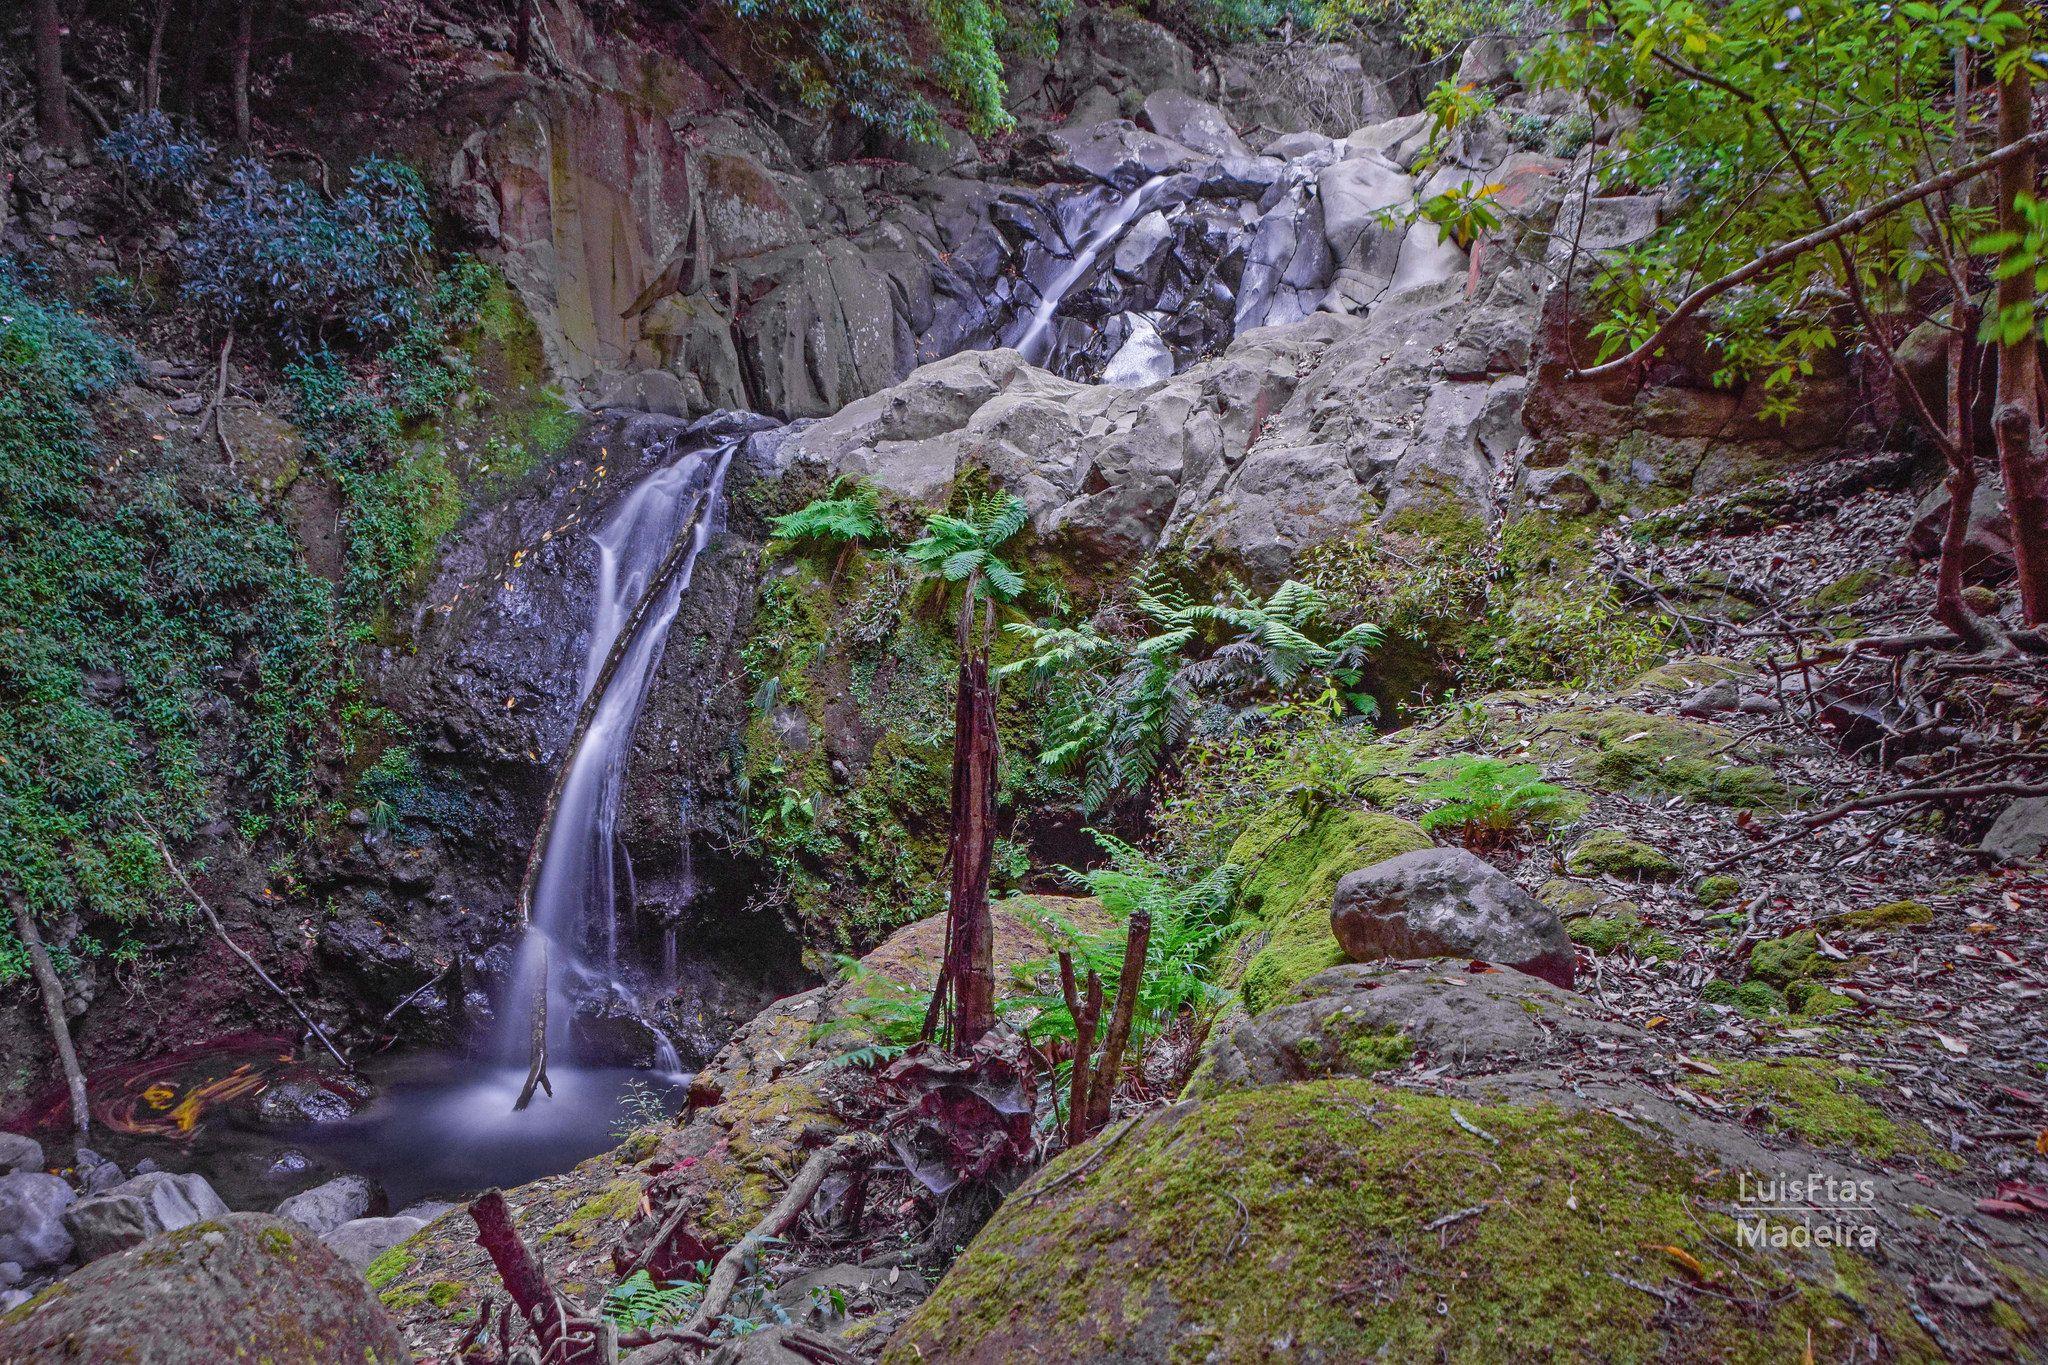 https://flic.kr/p/JtbMRM | Corredor Verde | Corredor Verde:  Monte - Bom Sucesso Ribeira de João Gomes discovermadeira.blogspot.pt/